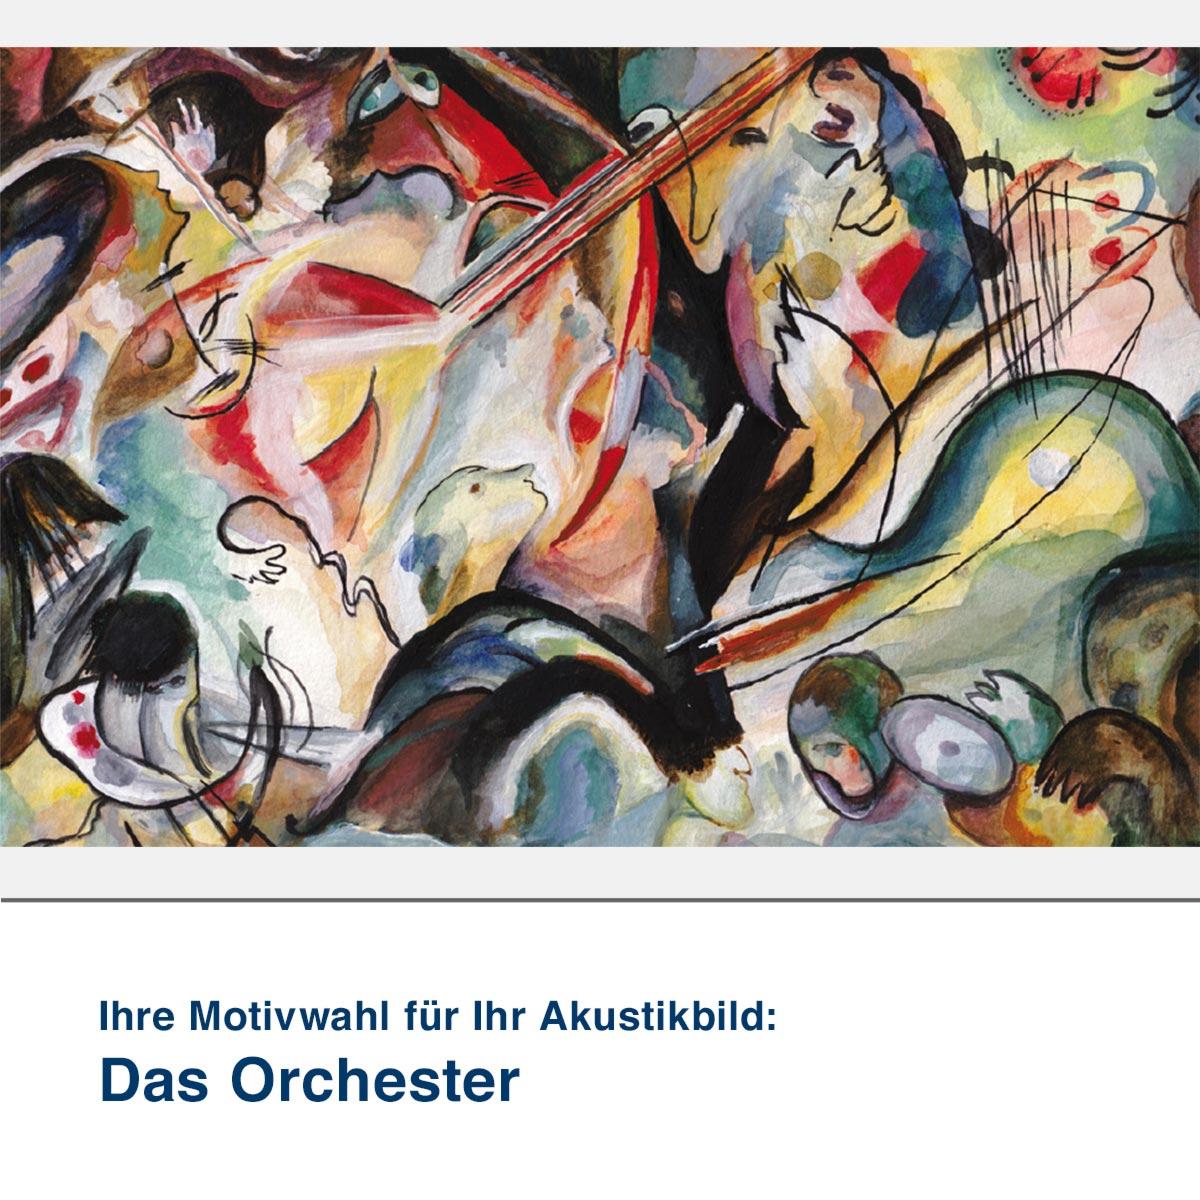 Akustikbild Motiv Das Orchester